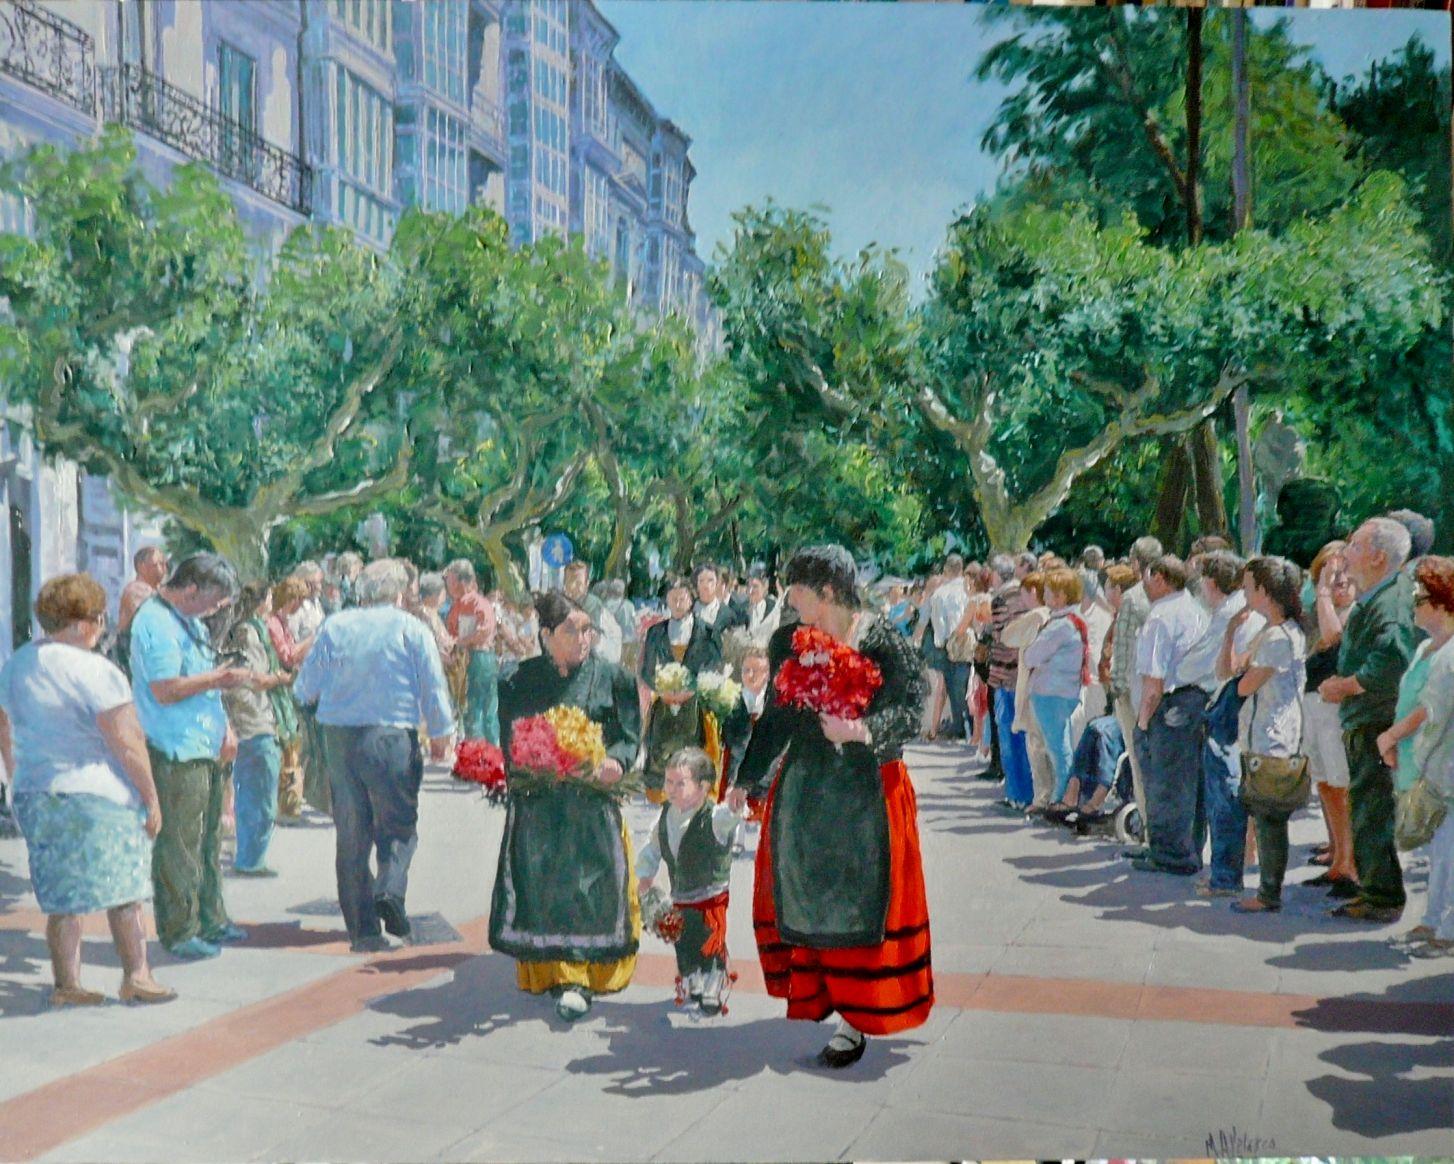 ofrenda de flores 2 (Burgos) (2018) - Miguel Ángel Velasco Diez